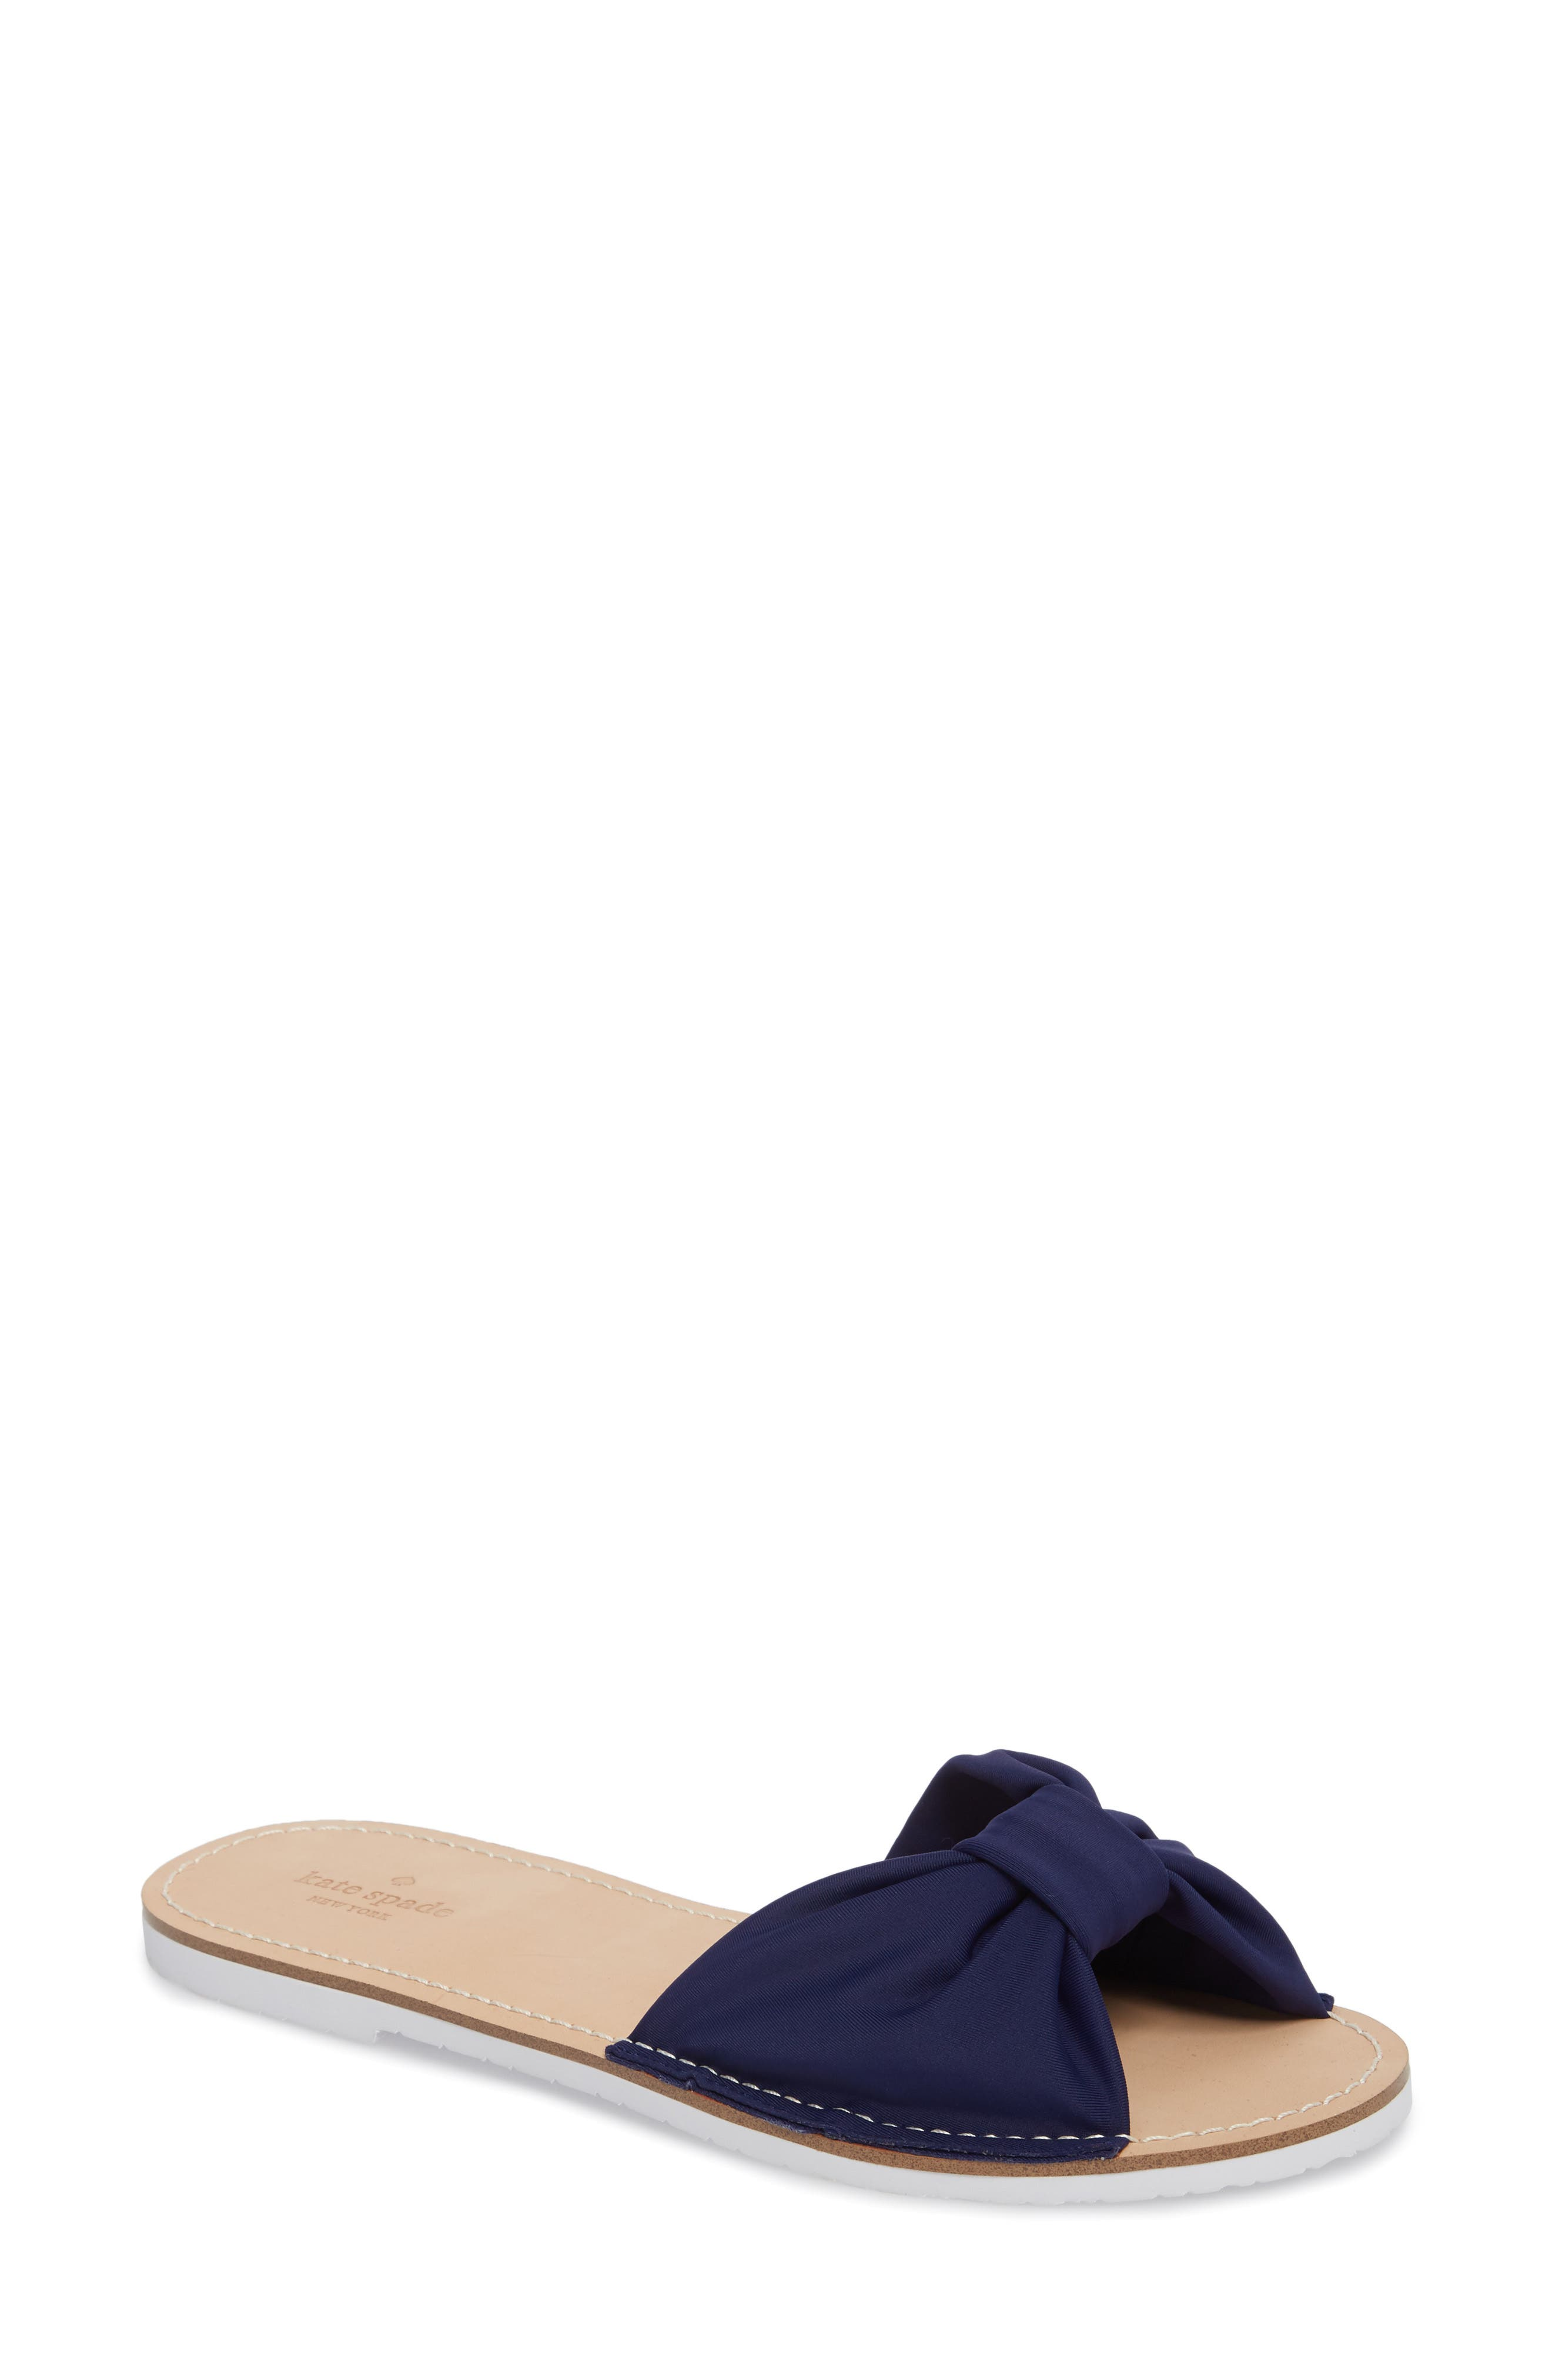 indi slide sandal,                             Main thumbnail 2, color,